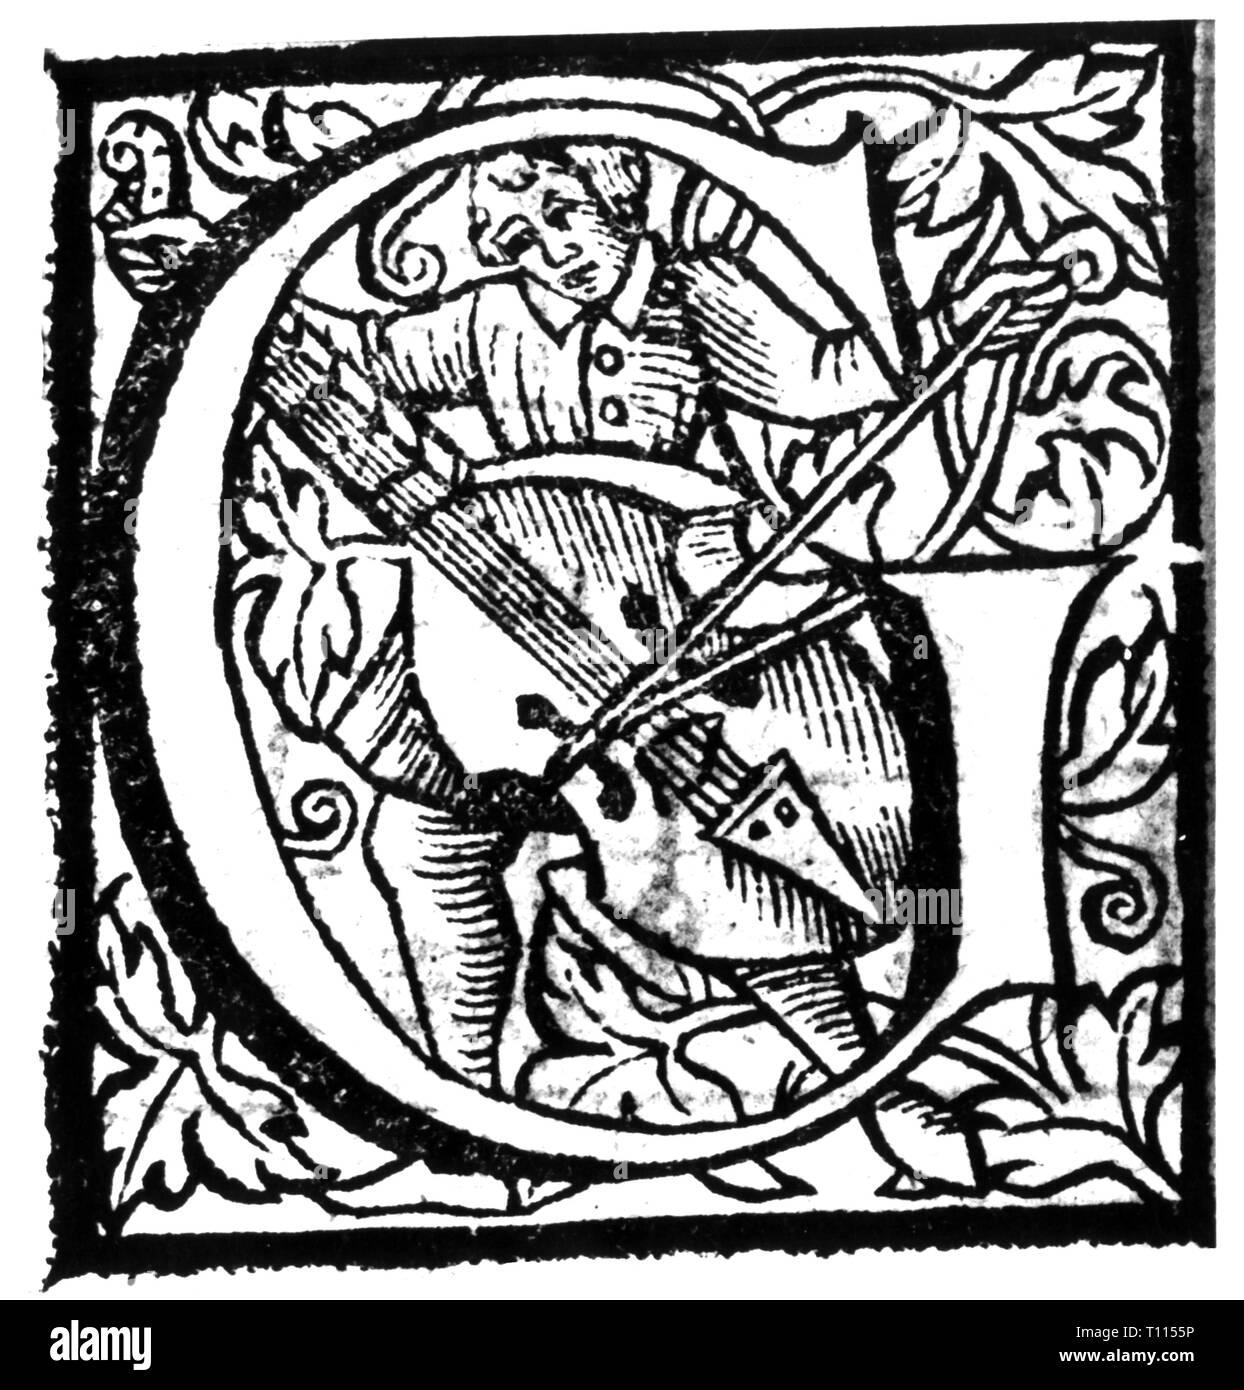 L'écriture, script, Latin, Capitalis Monumentalis initiale, 'G', à partir de: 'Liber mottetorum' de Jacobus de Kerle, Munich, 1573, Additional-Rights Clearance-Info-Not-Available- Photo Stock